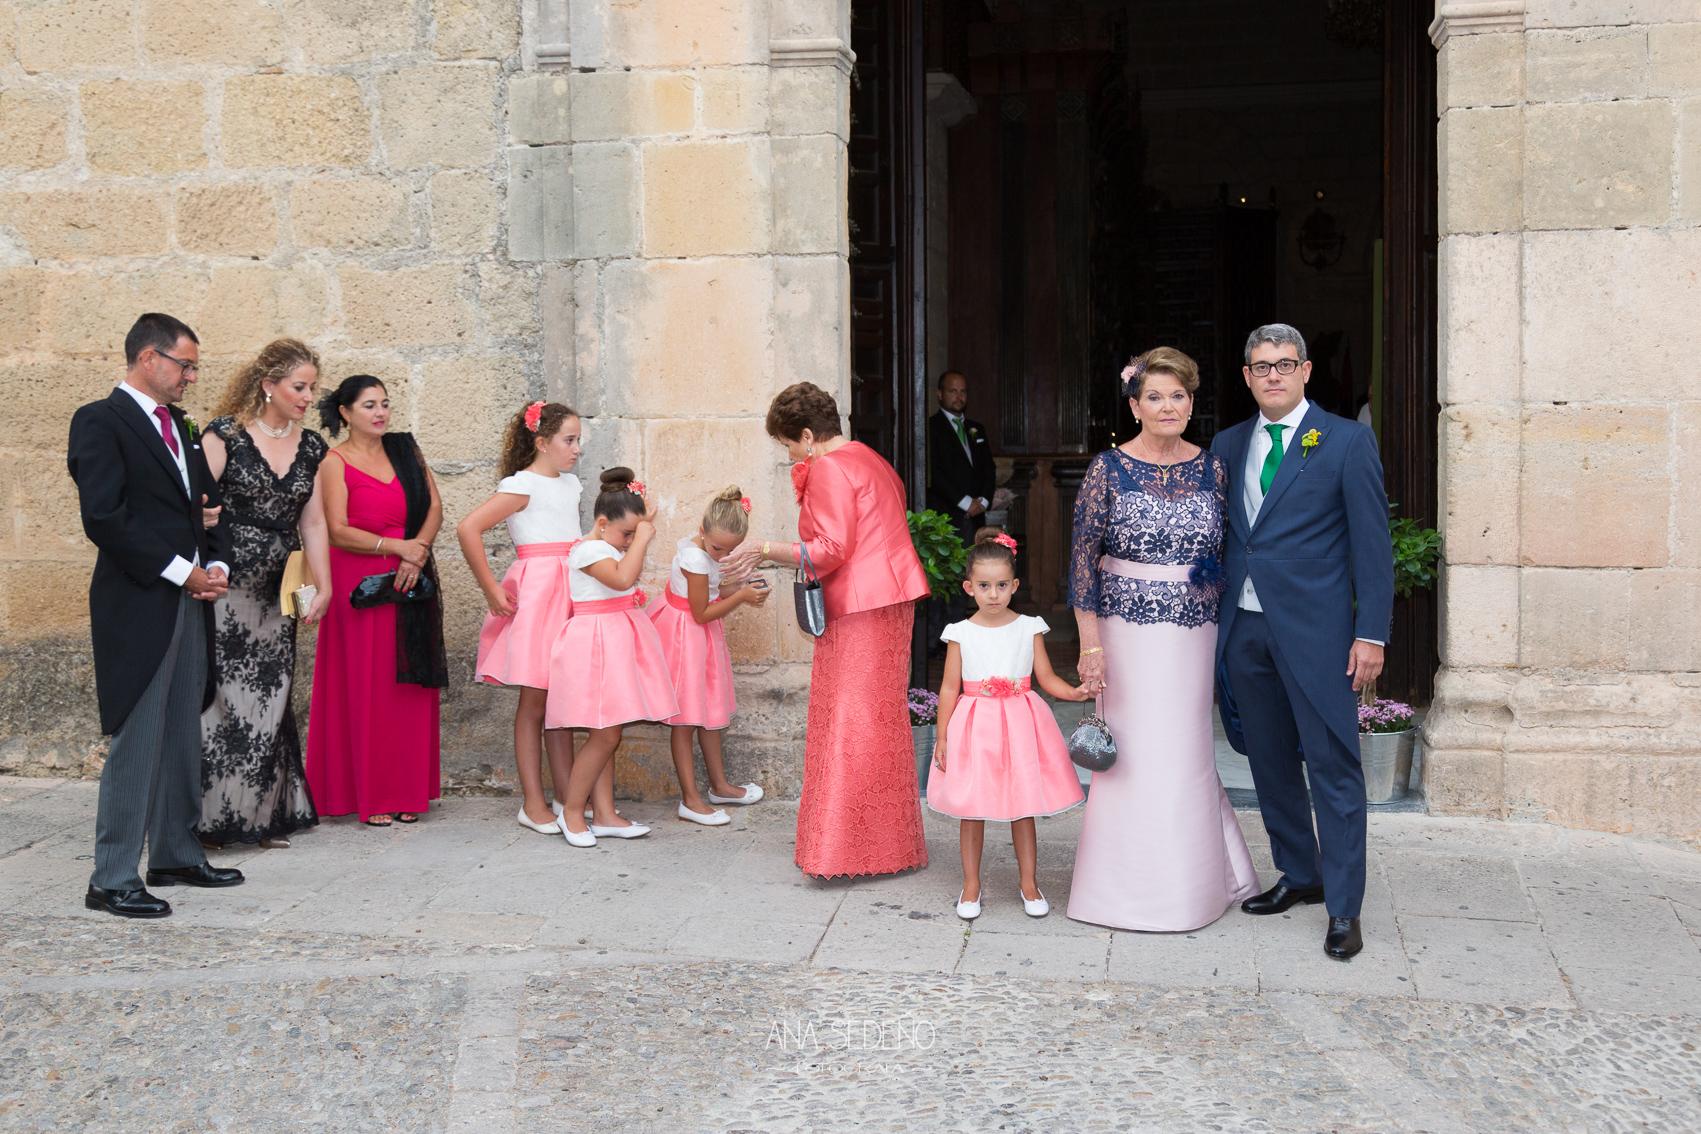 Ana Sedeño Fotografa.-Boda-0453